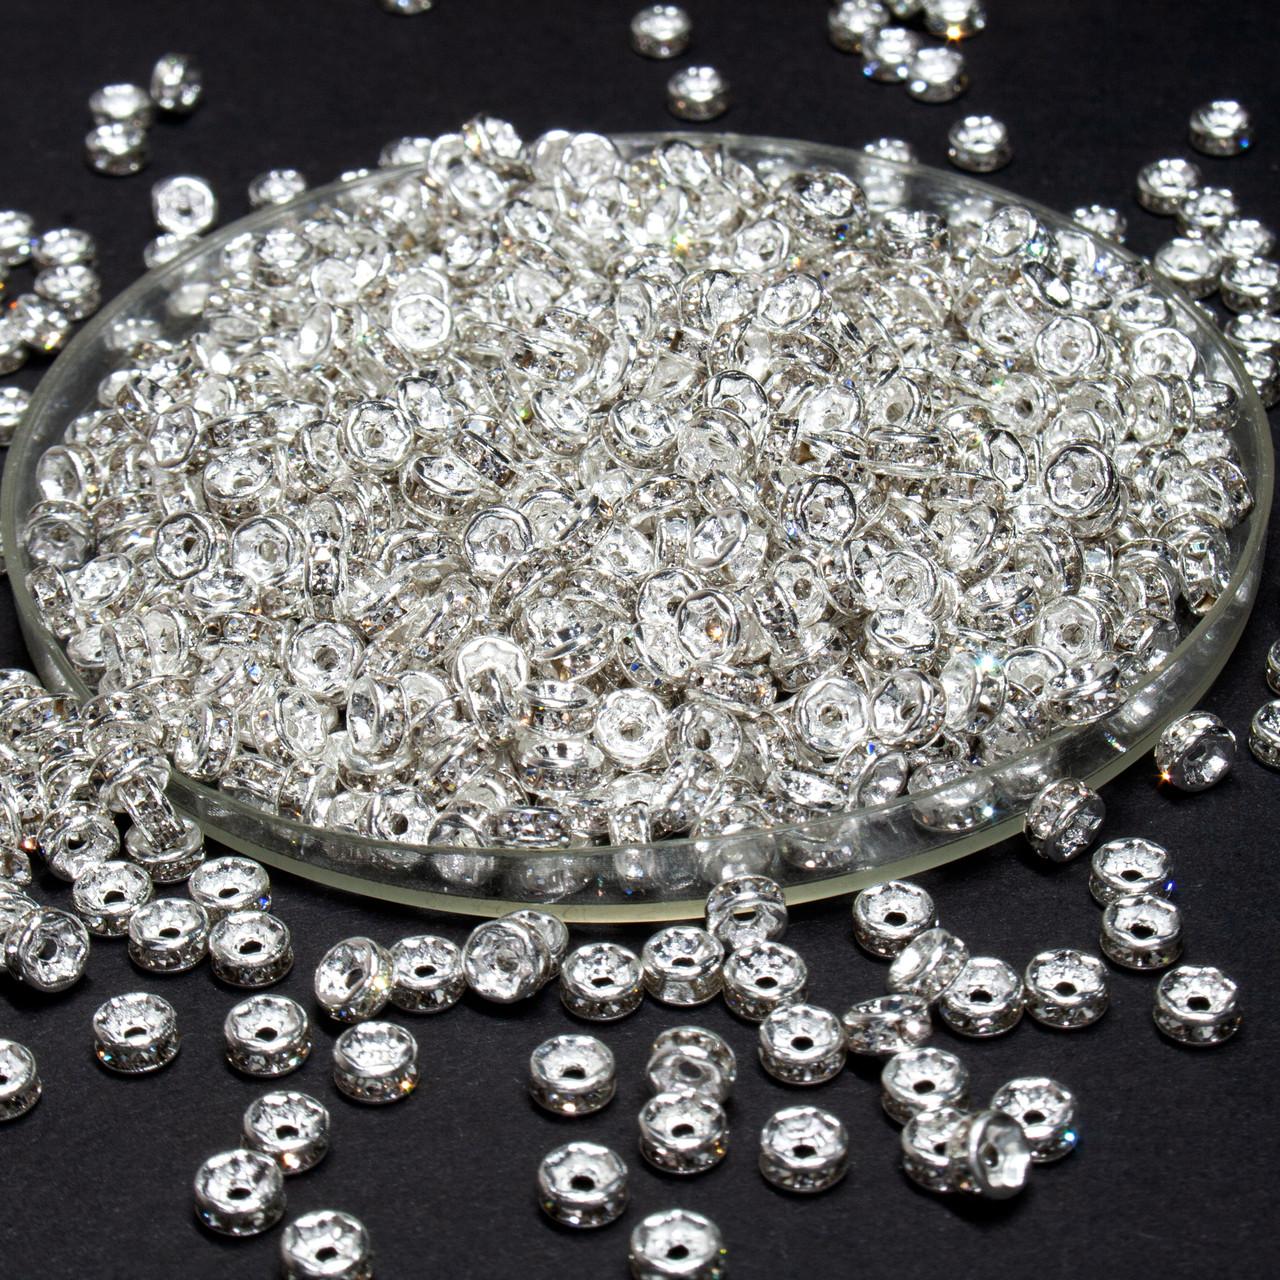 (45-50 штук) Бусины разделители со стразами. D-4мм Цвет серебро + стразы прозрачные